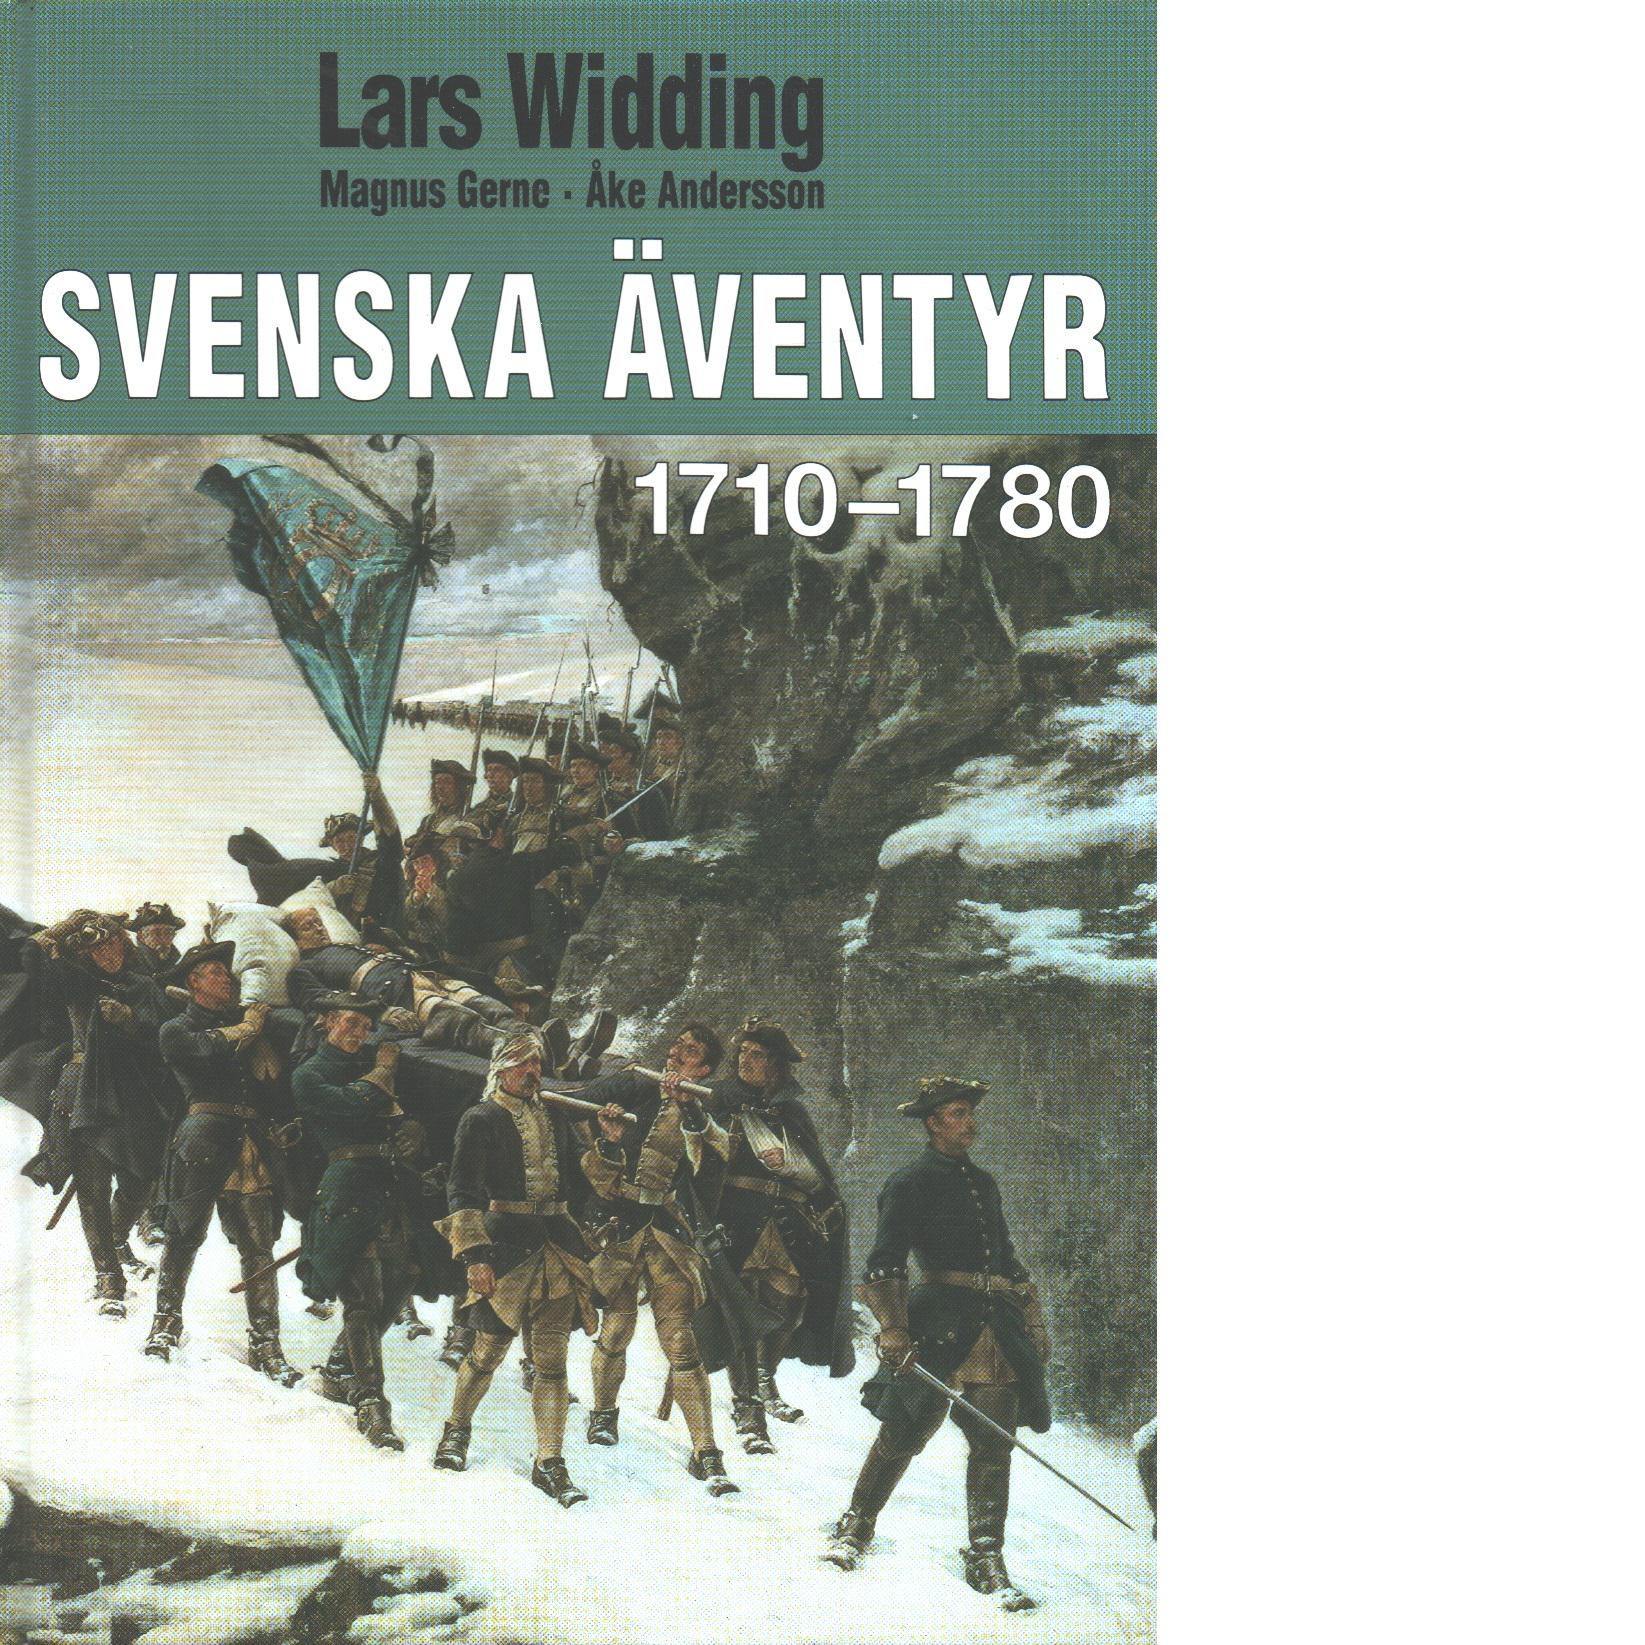 Svenska äventyr 1710 - 1780 - Widding, Lars och Gerne, Magnus, samt Andersson, Åke